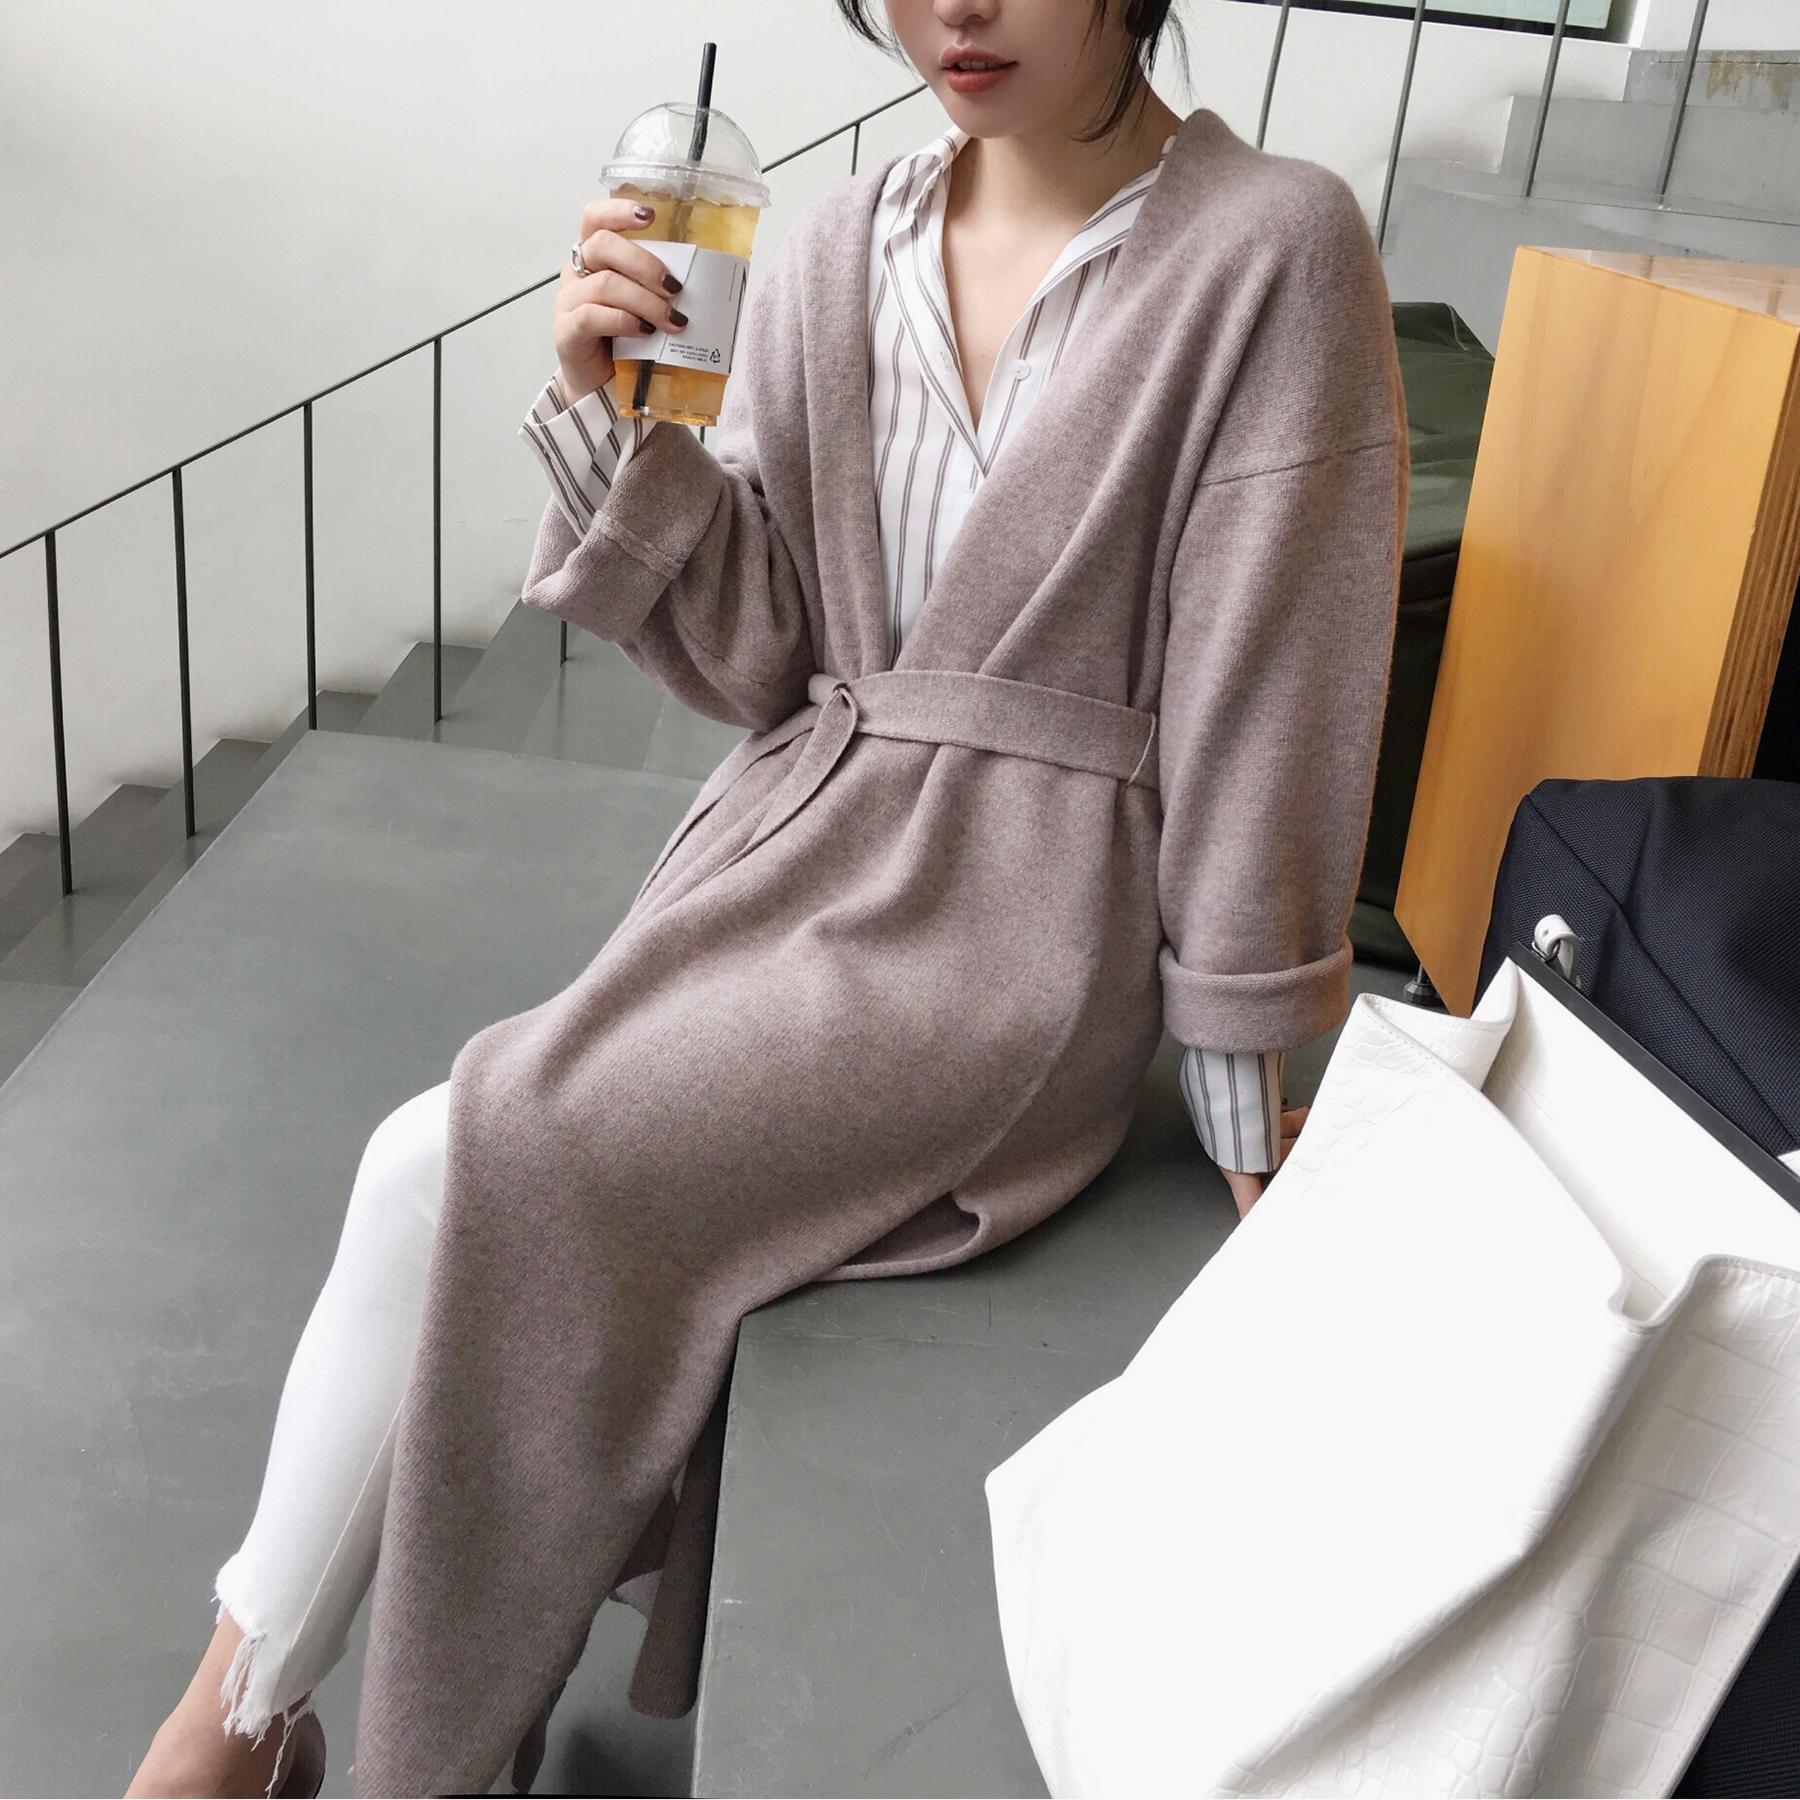 ◆ASM◆2017秋装新款 全羊毛过膝超长款针织开衫开叉毛衣外套女装